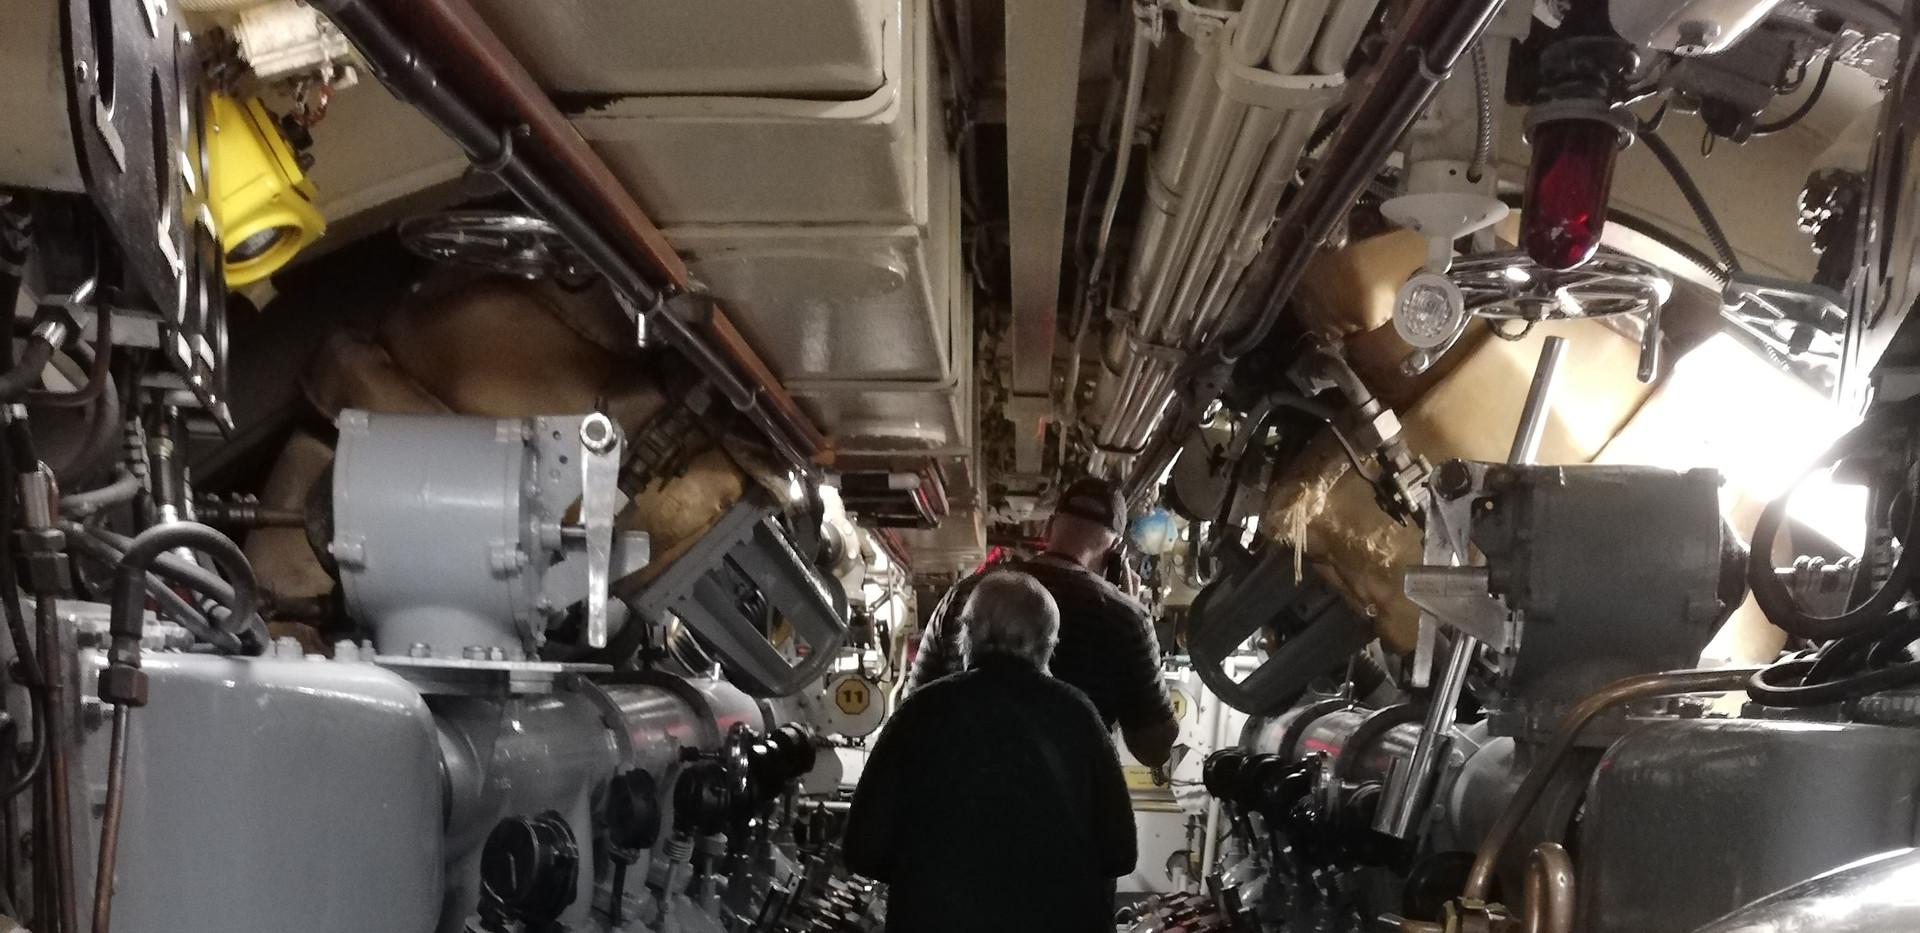 Machinerie sous marin.jpg